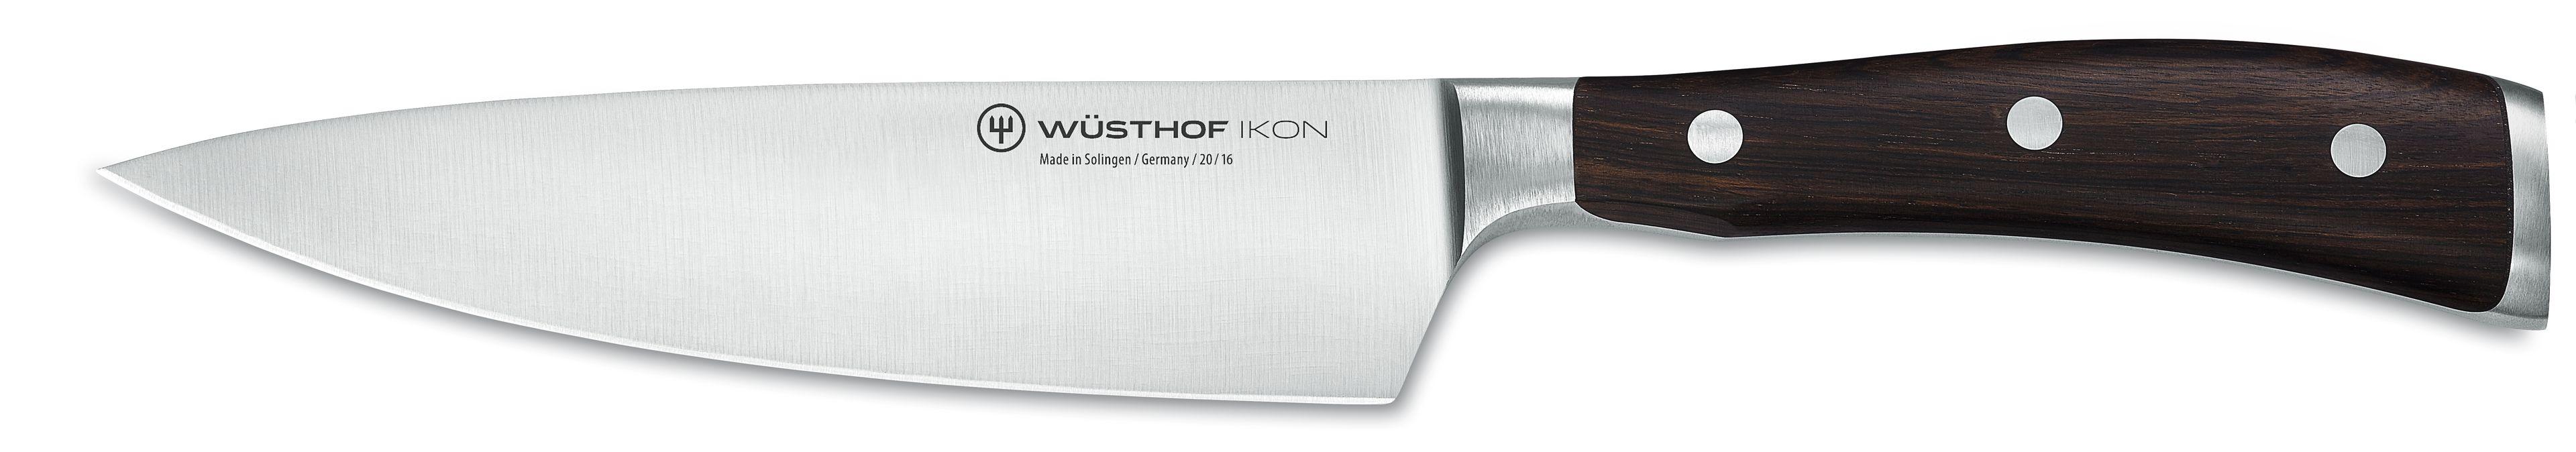 Wüsthof Kochmesser Ikon 16 cm